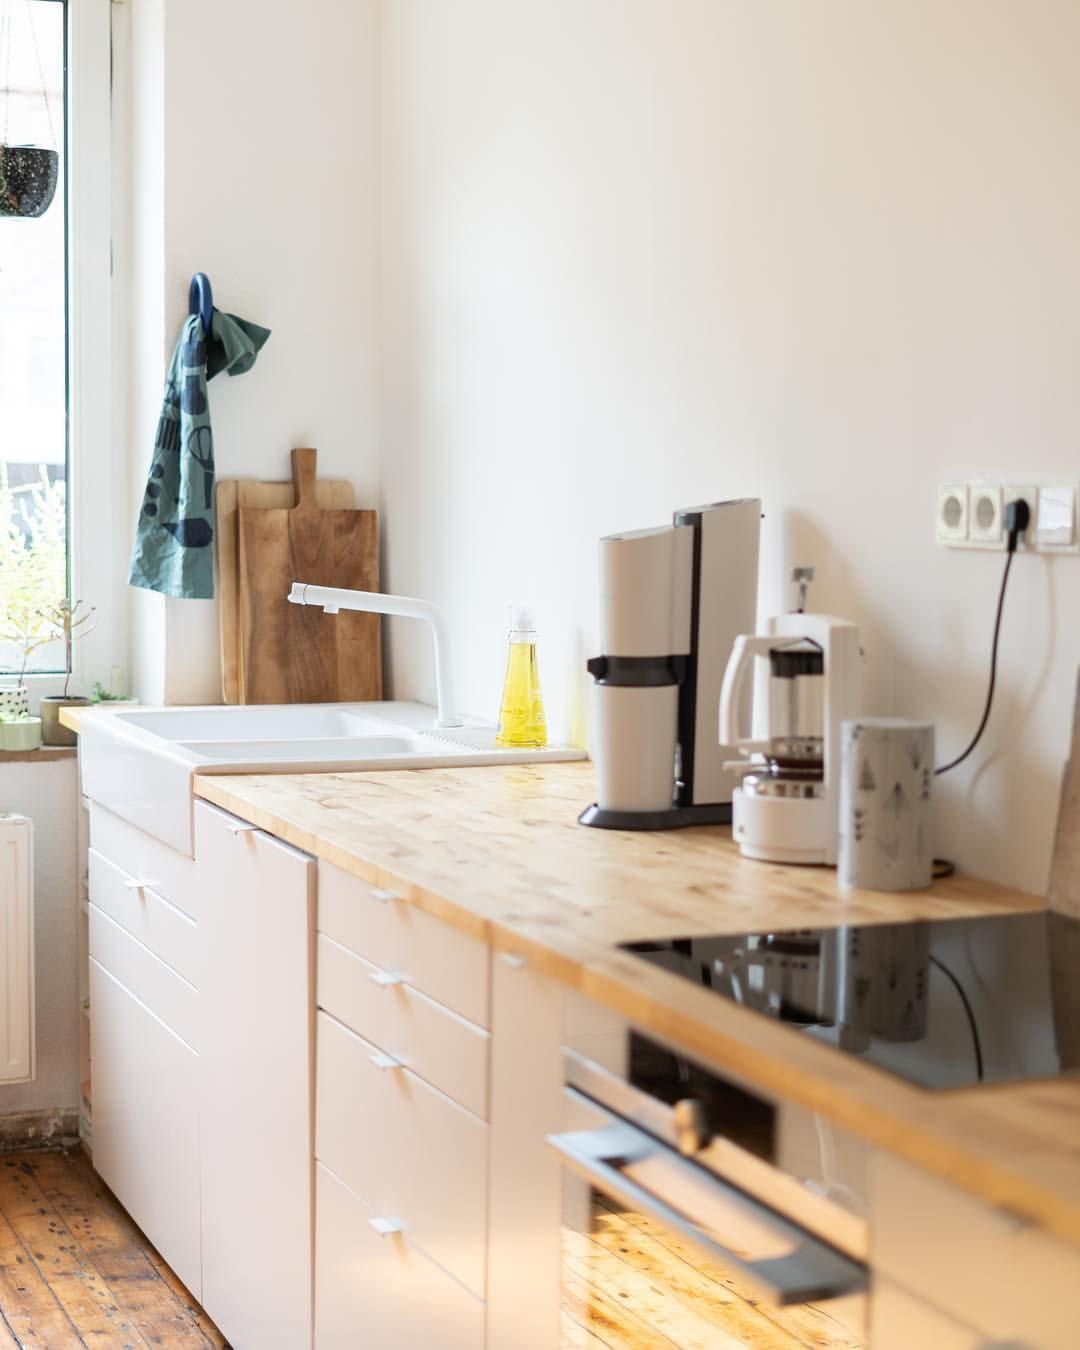 unsere geliebte Küche daheim. Nach einer ca. 3qm Küche in der ...